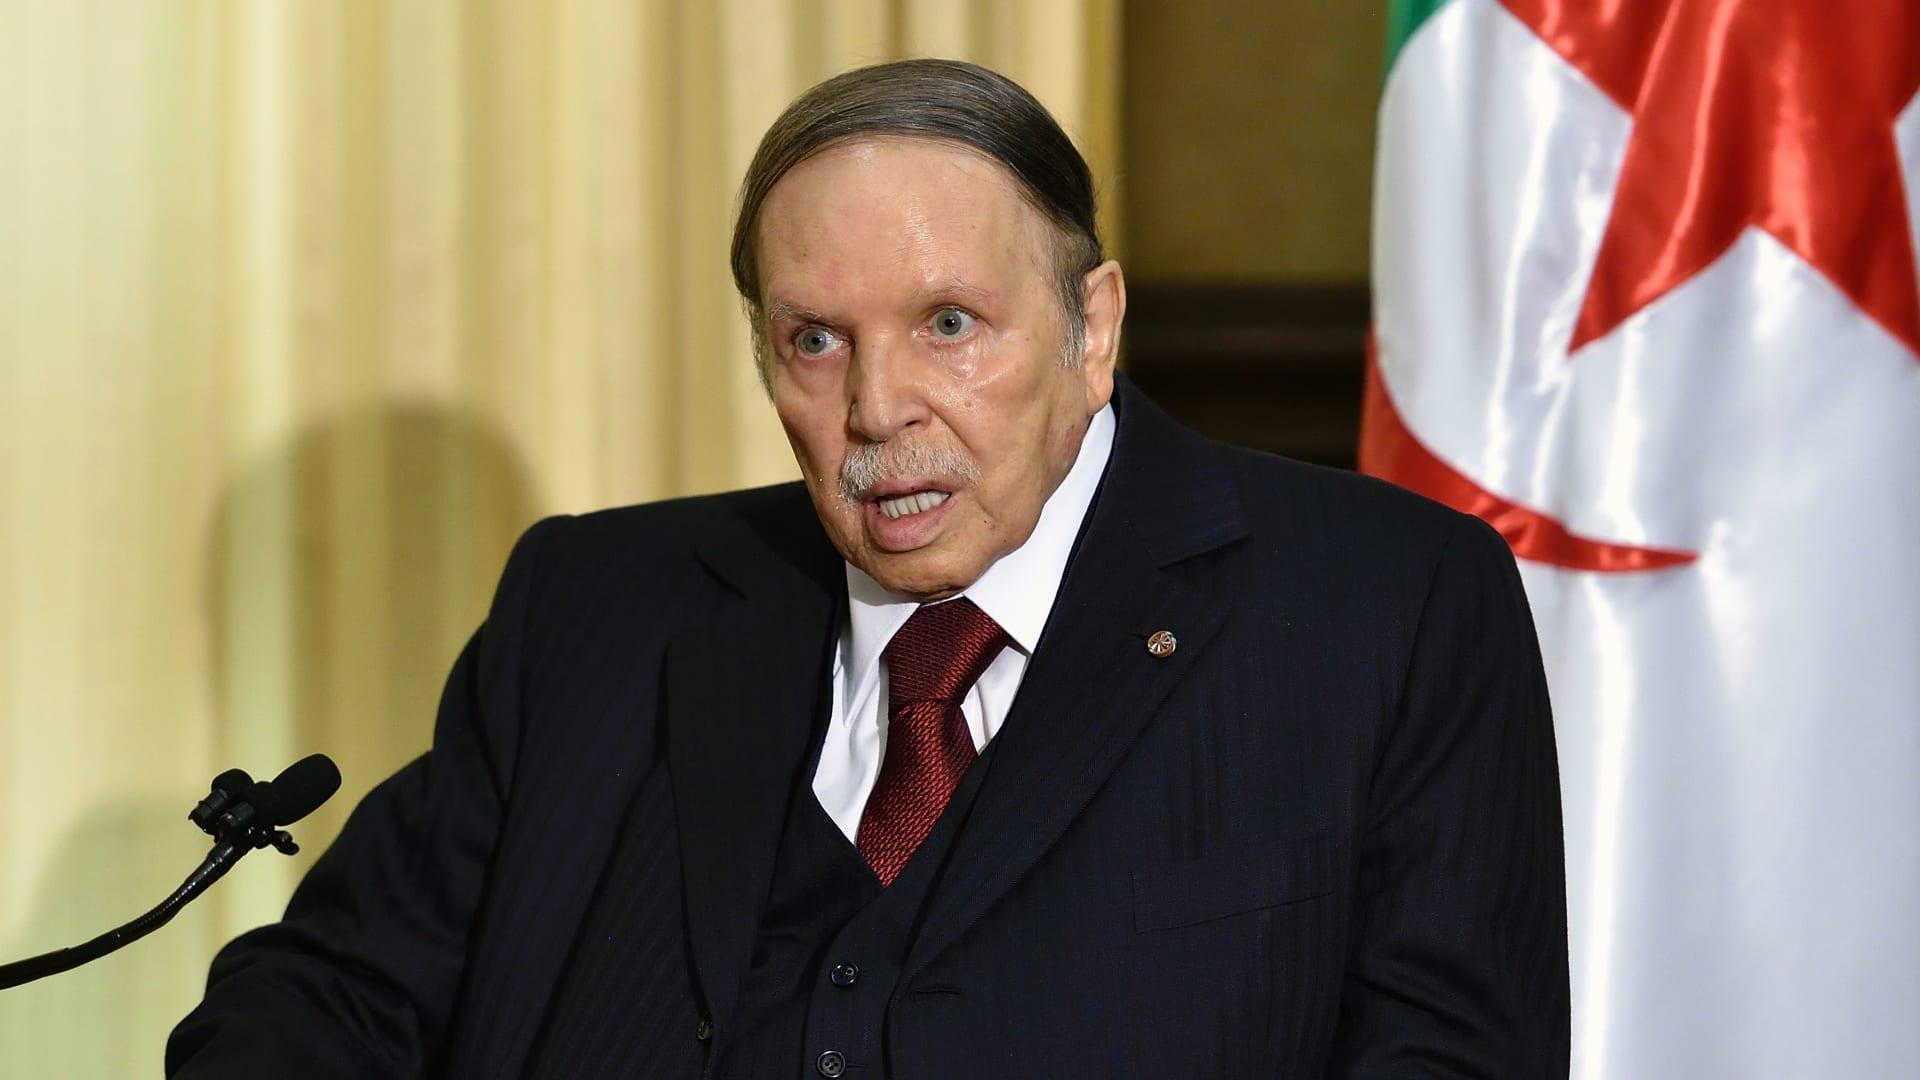 الرئاسة الجزائرية: وفاة عبدالعزيز بوتفليقة عن عمر يناهز 84 عاما